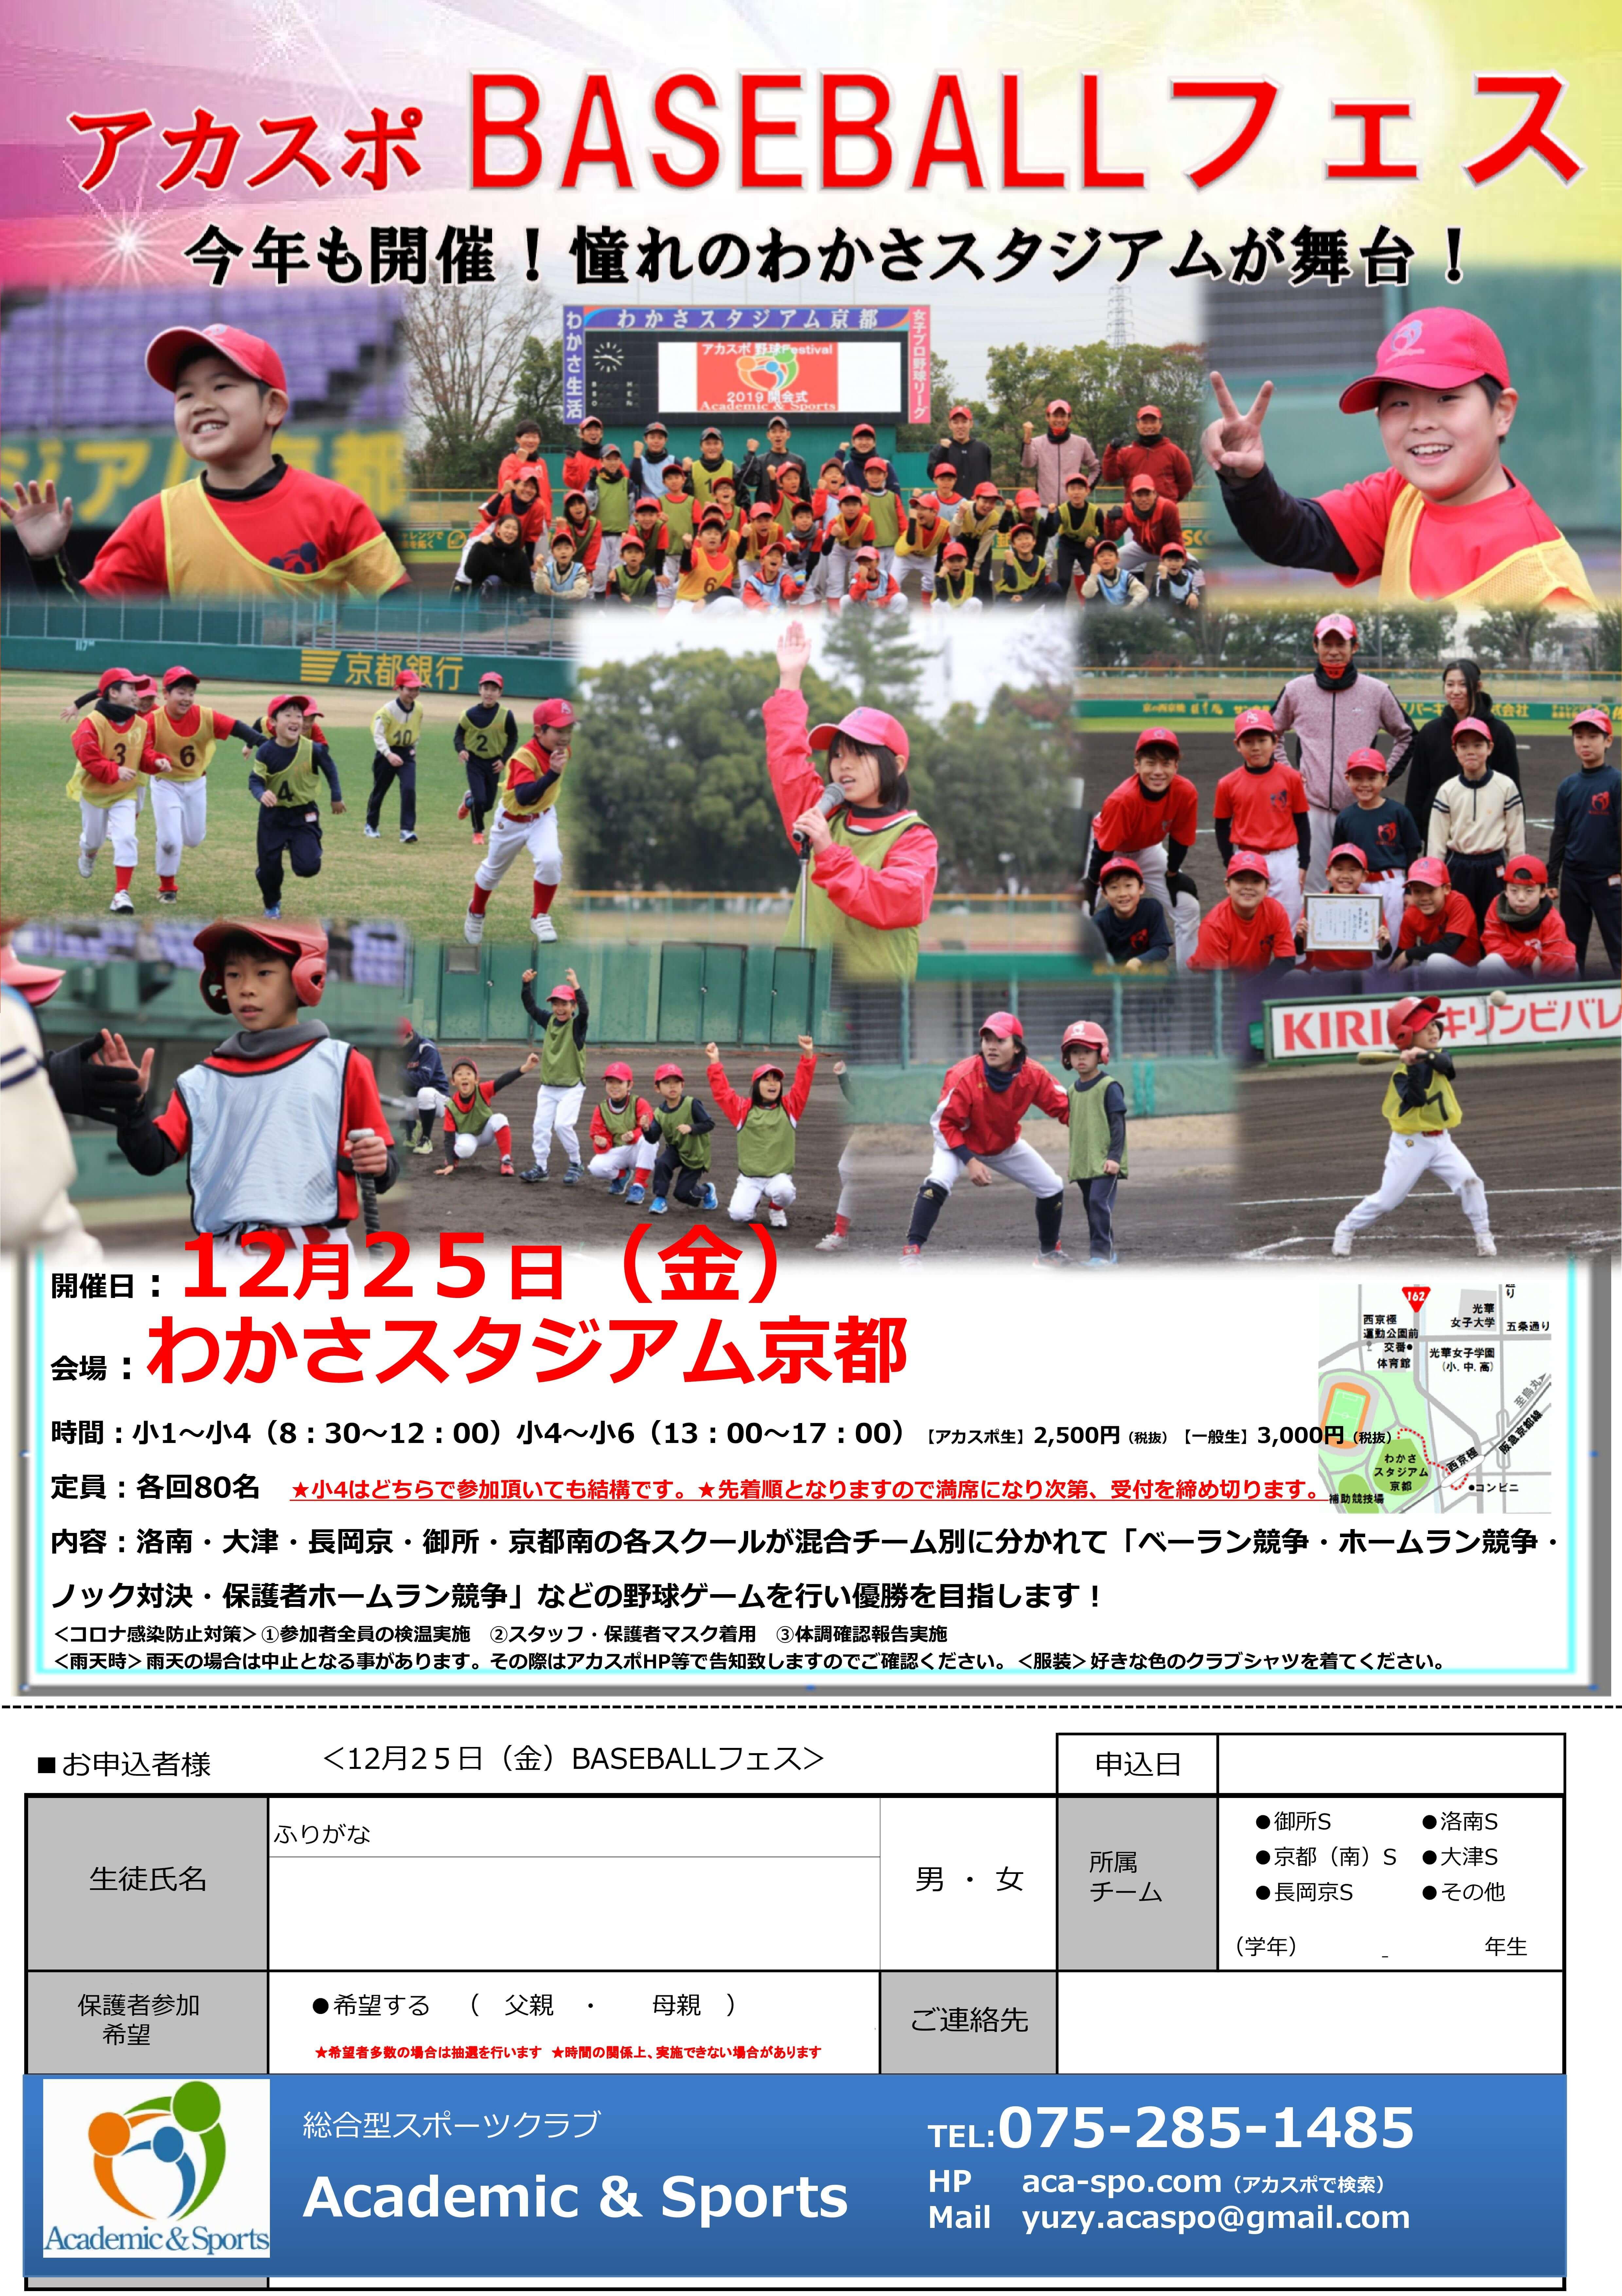 【野球】アカスポBASEBALLフェス